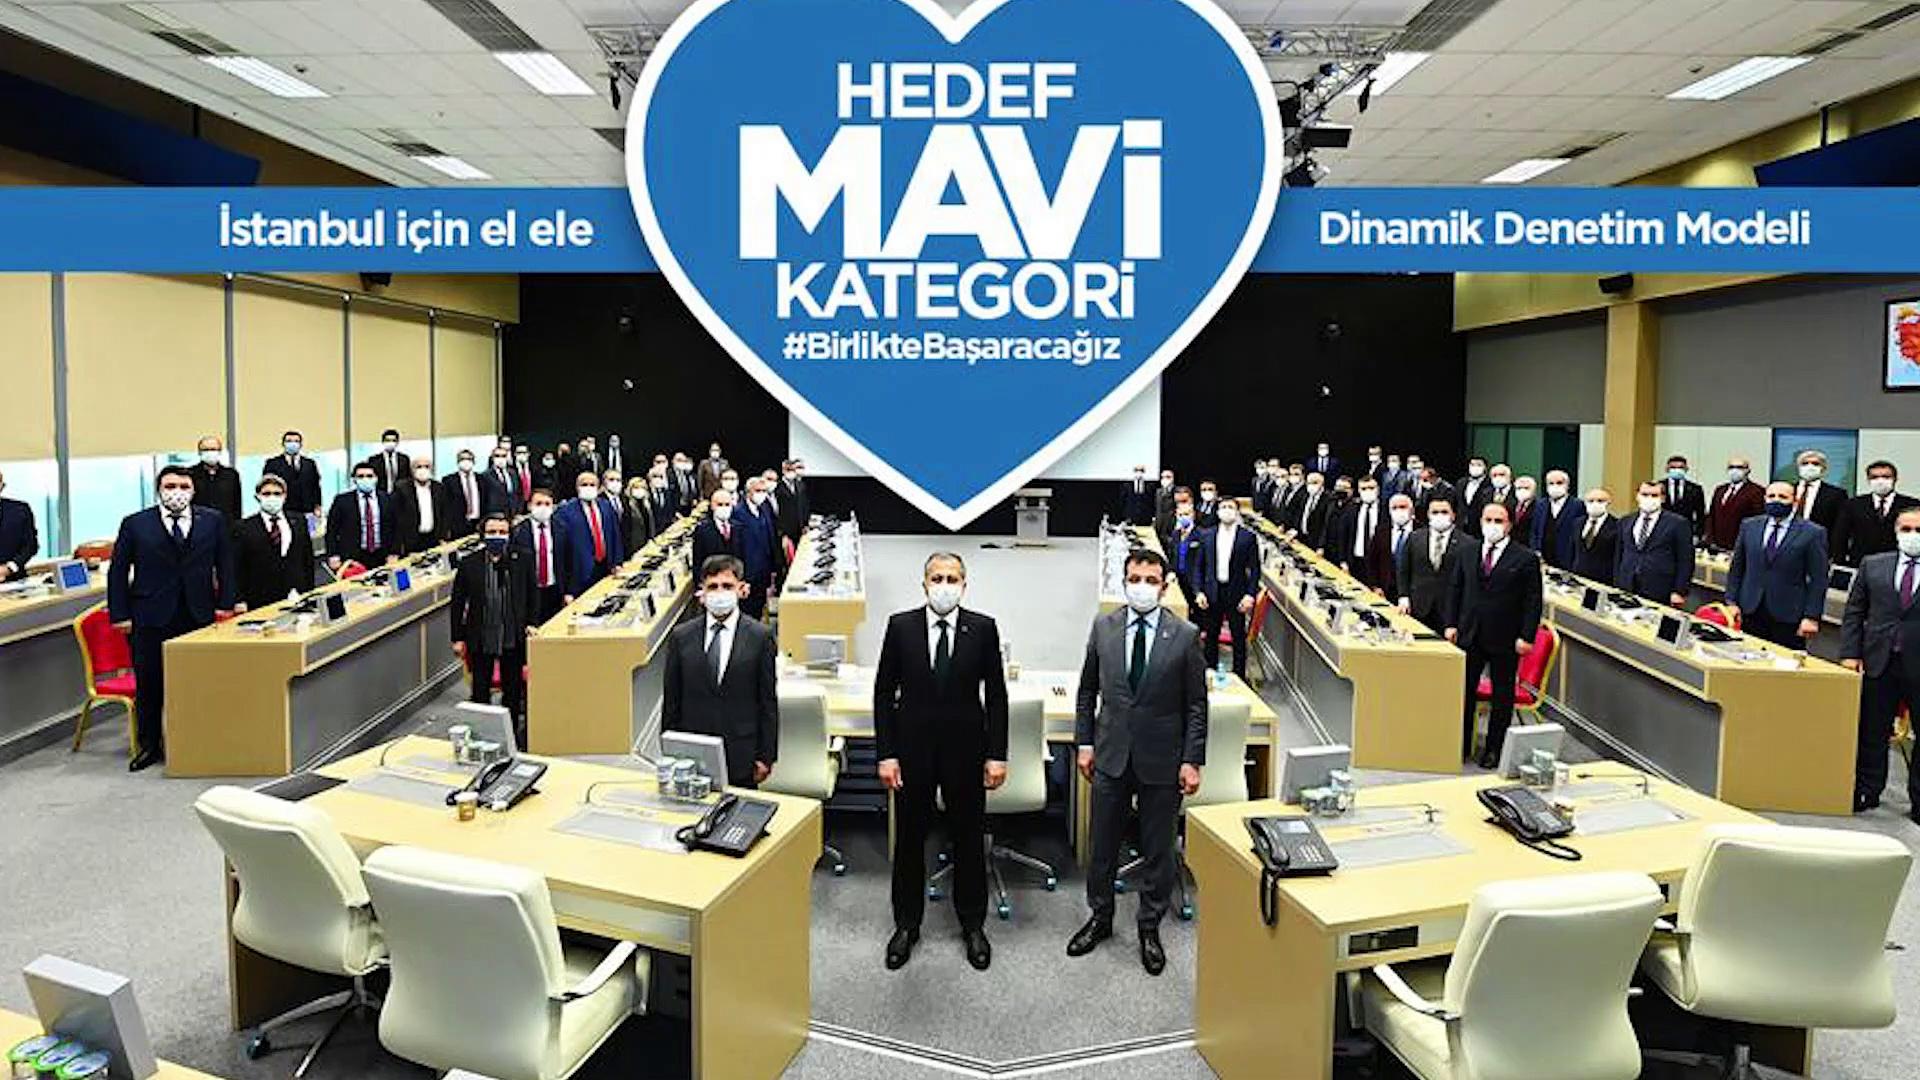 İstanbul'da salgınla mücadele için 'Dinamik Denetim Modeli': Hedef mavi kategori